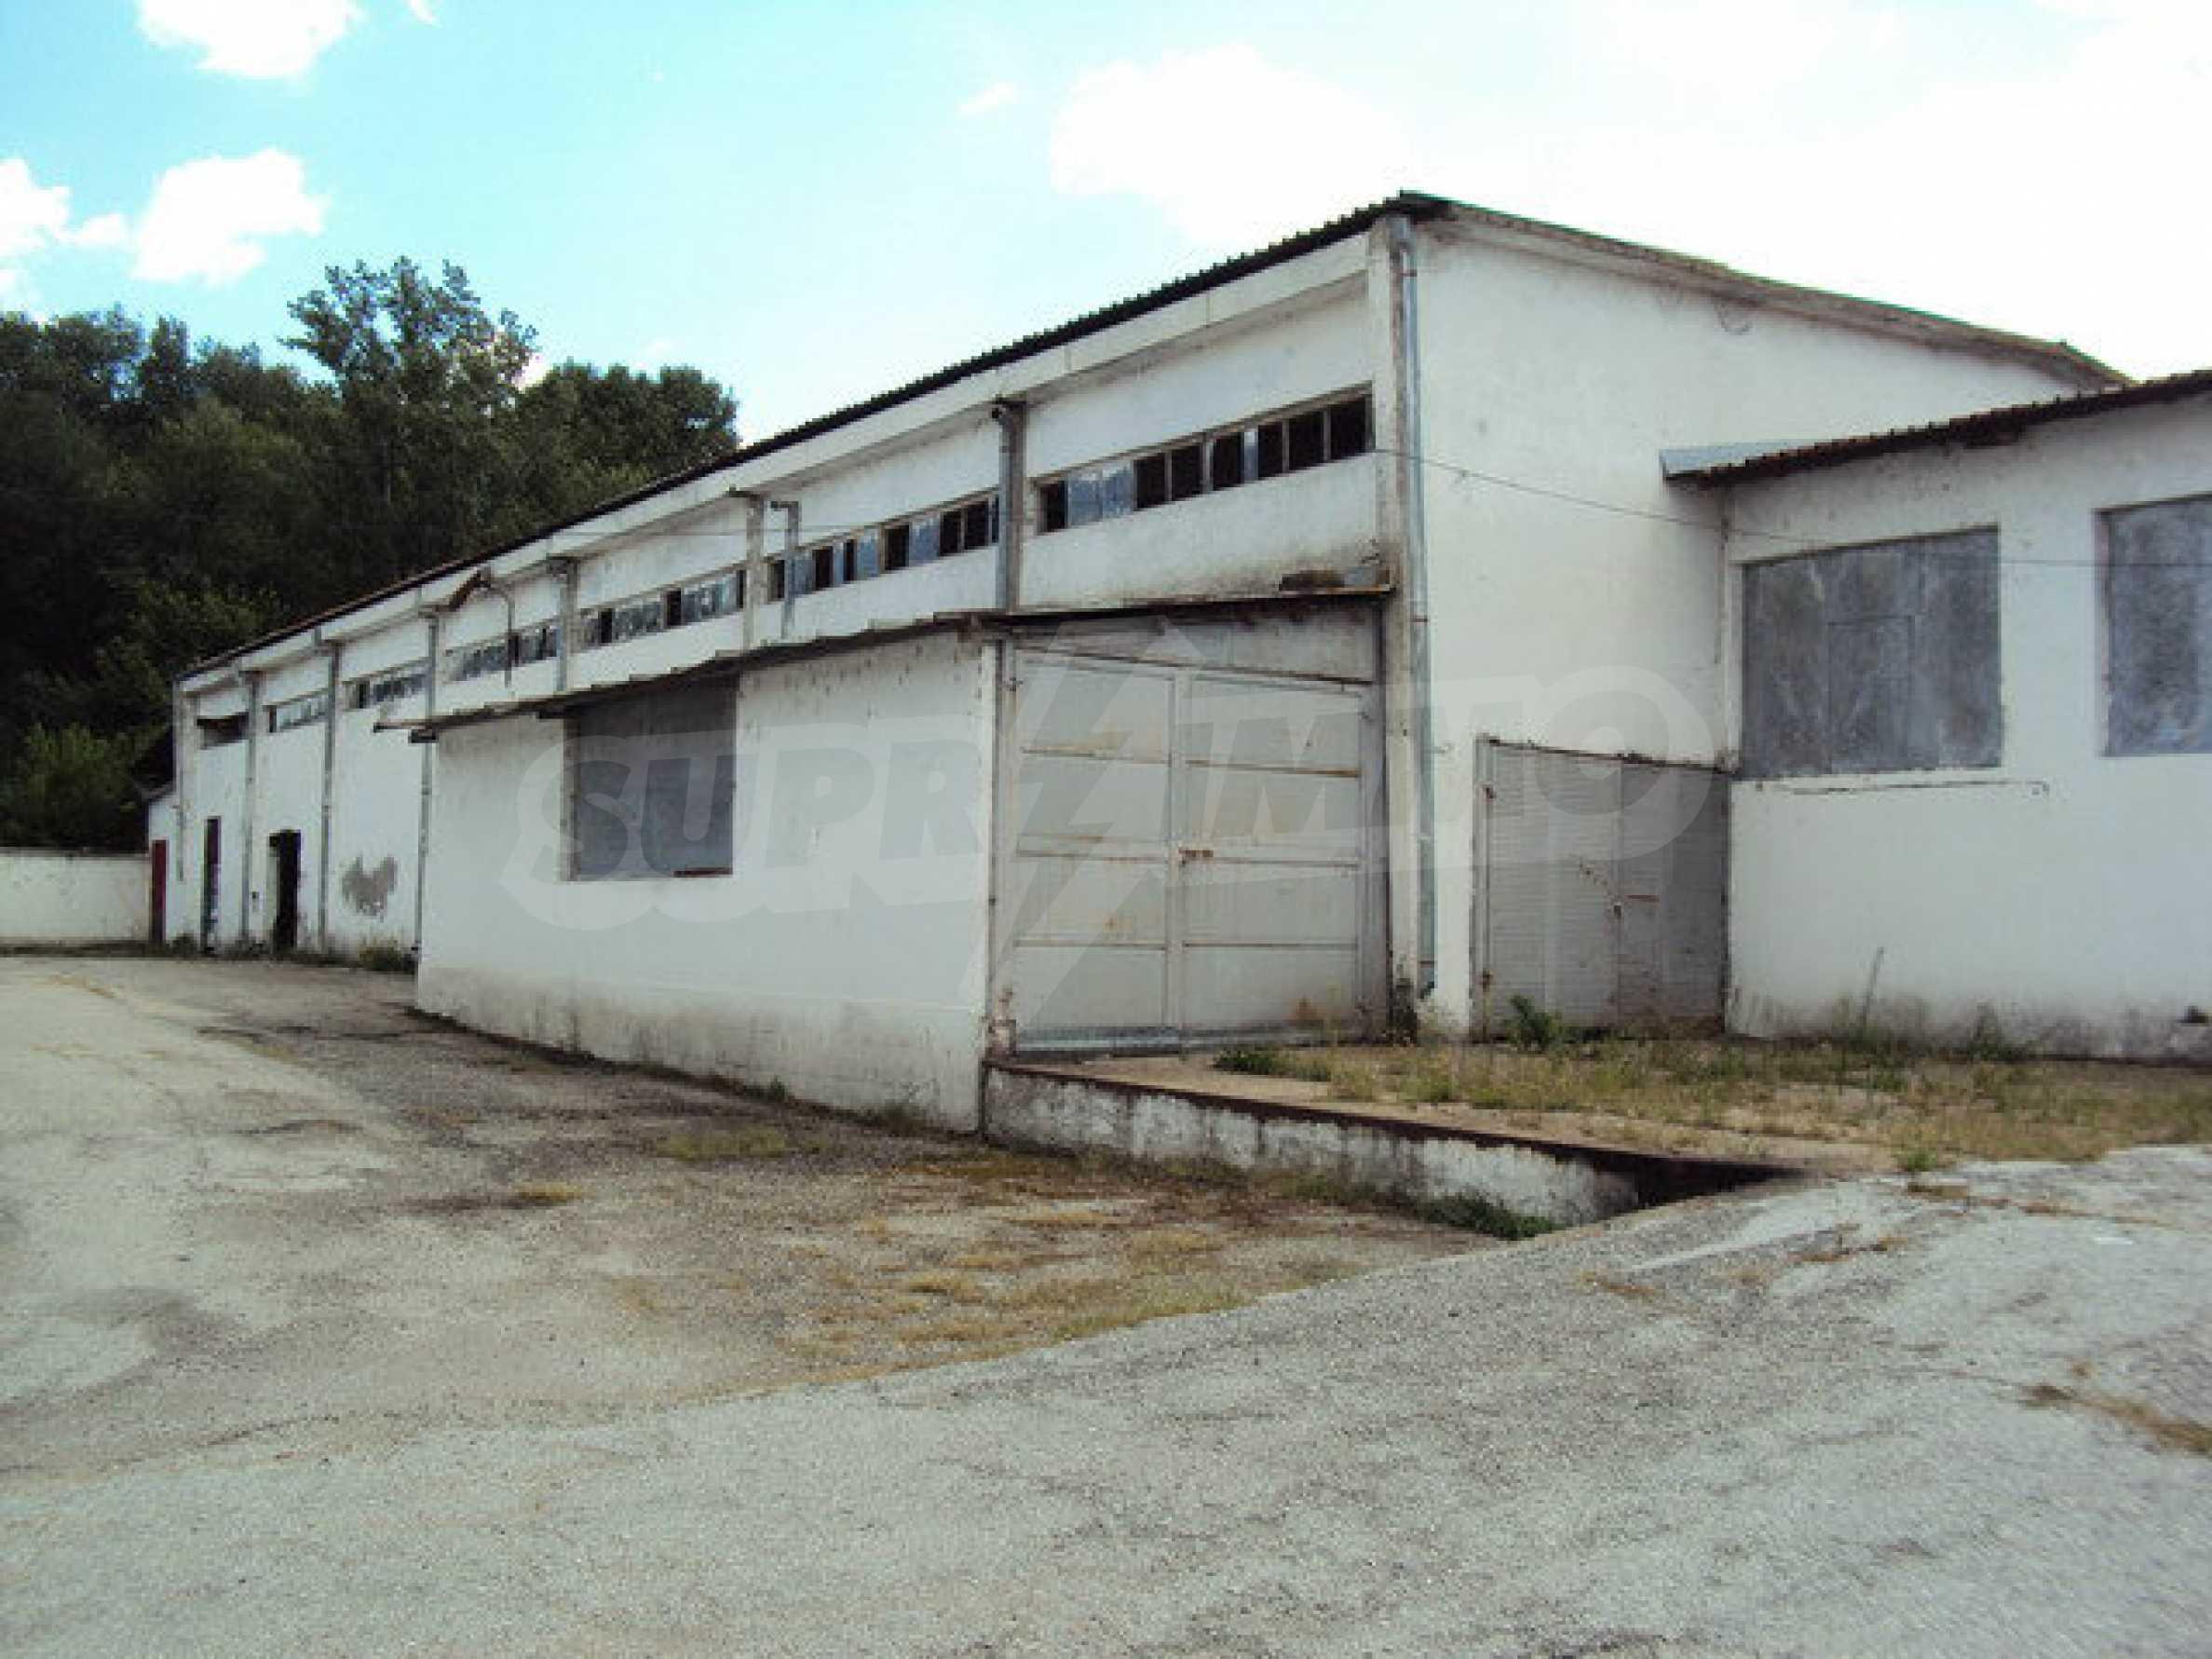 Ein Grundstück mit einer Halle in einem Industriegebiet von Gorna Oryahovitsa